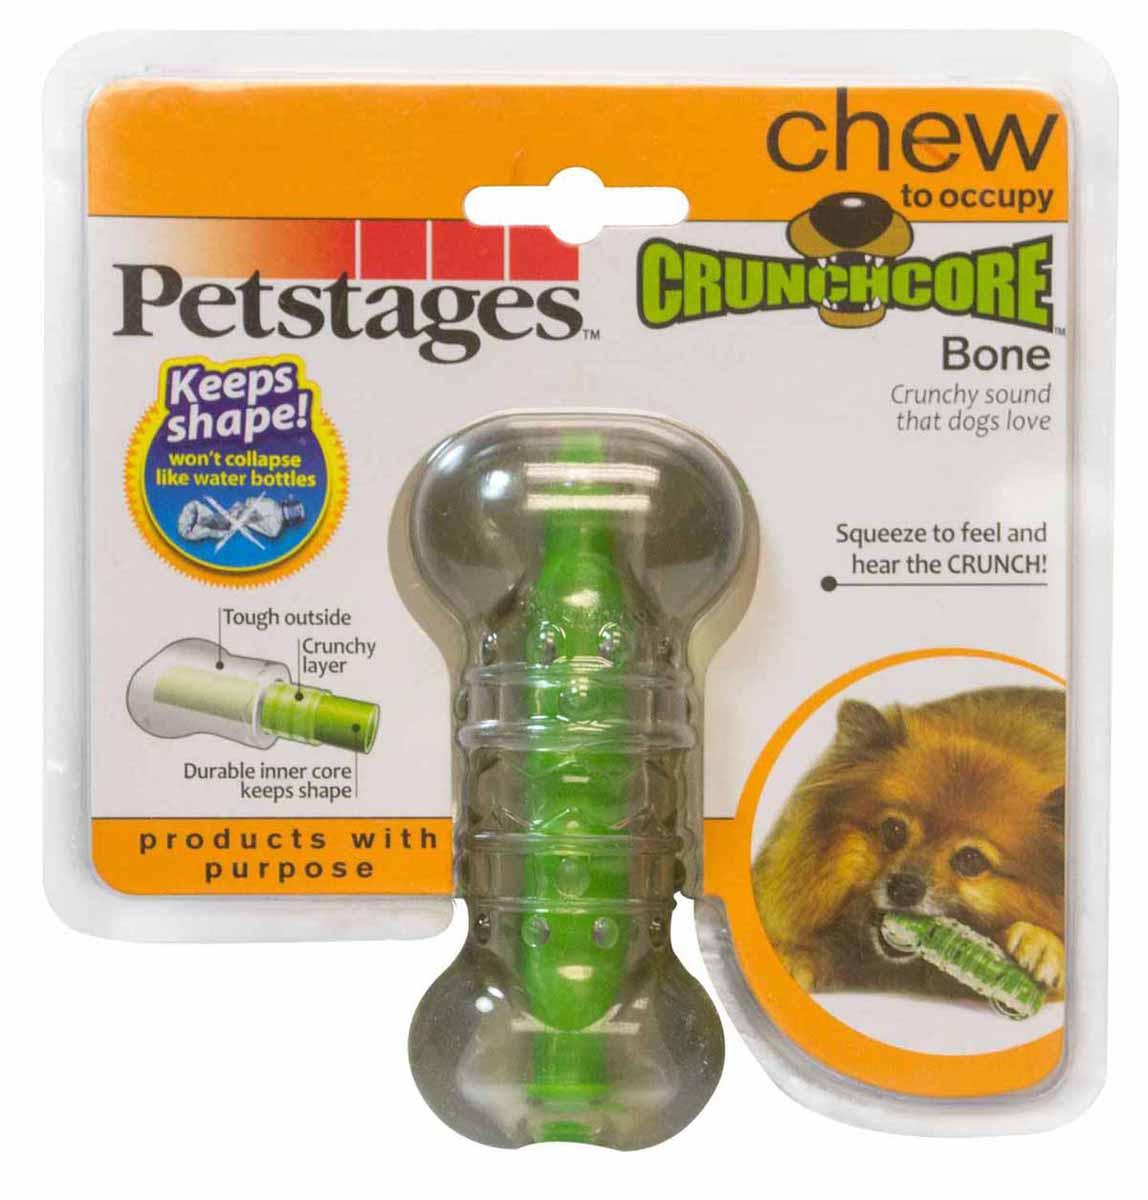 Игрушка для собак Petstages Хрустящая косточка, длина 11 см. 264YEX101246Игрушка для собак Petstages Хрустящая косточка предназначена для собак мелких пород. Выполнена из прочной и гибкой синтетической резины. Внутри игрушки имеется сердечник, выполненный из резины и пластика. Пластик издает хрустящий звук в процессе игры, что привлекает собак.Длина игрушки: 11 см.Товар сертифицирован.